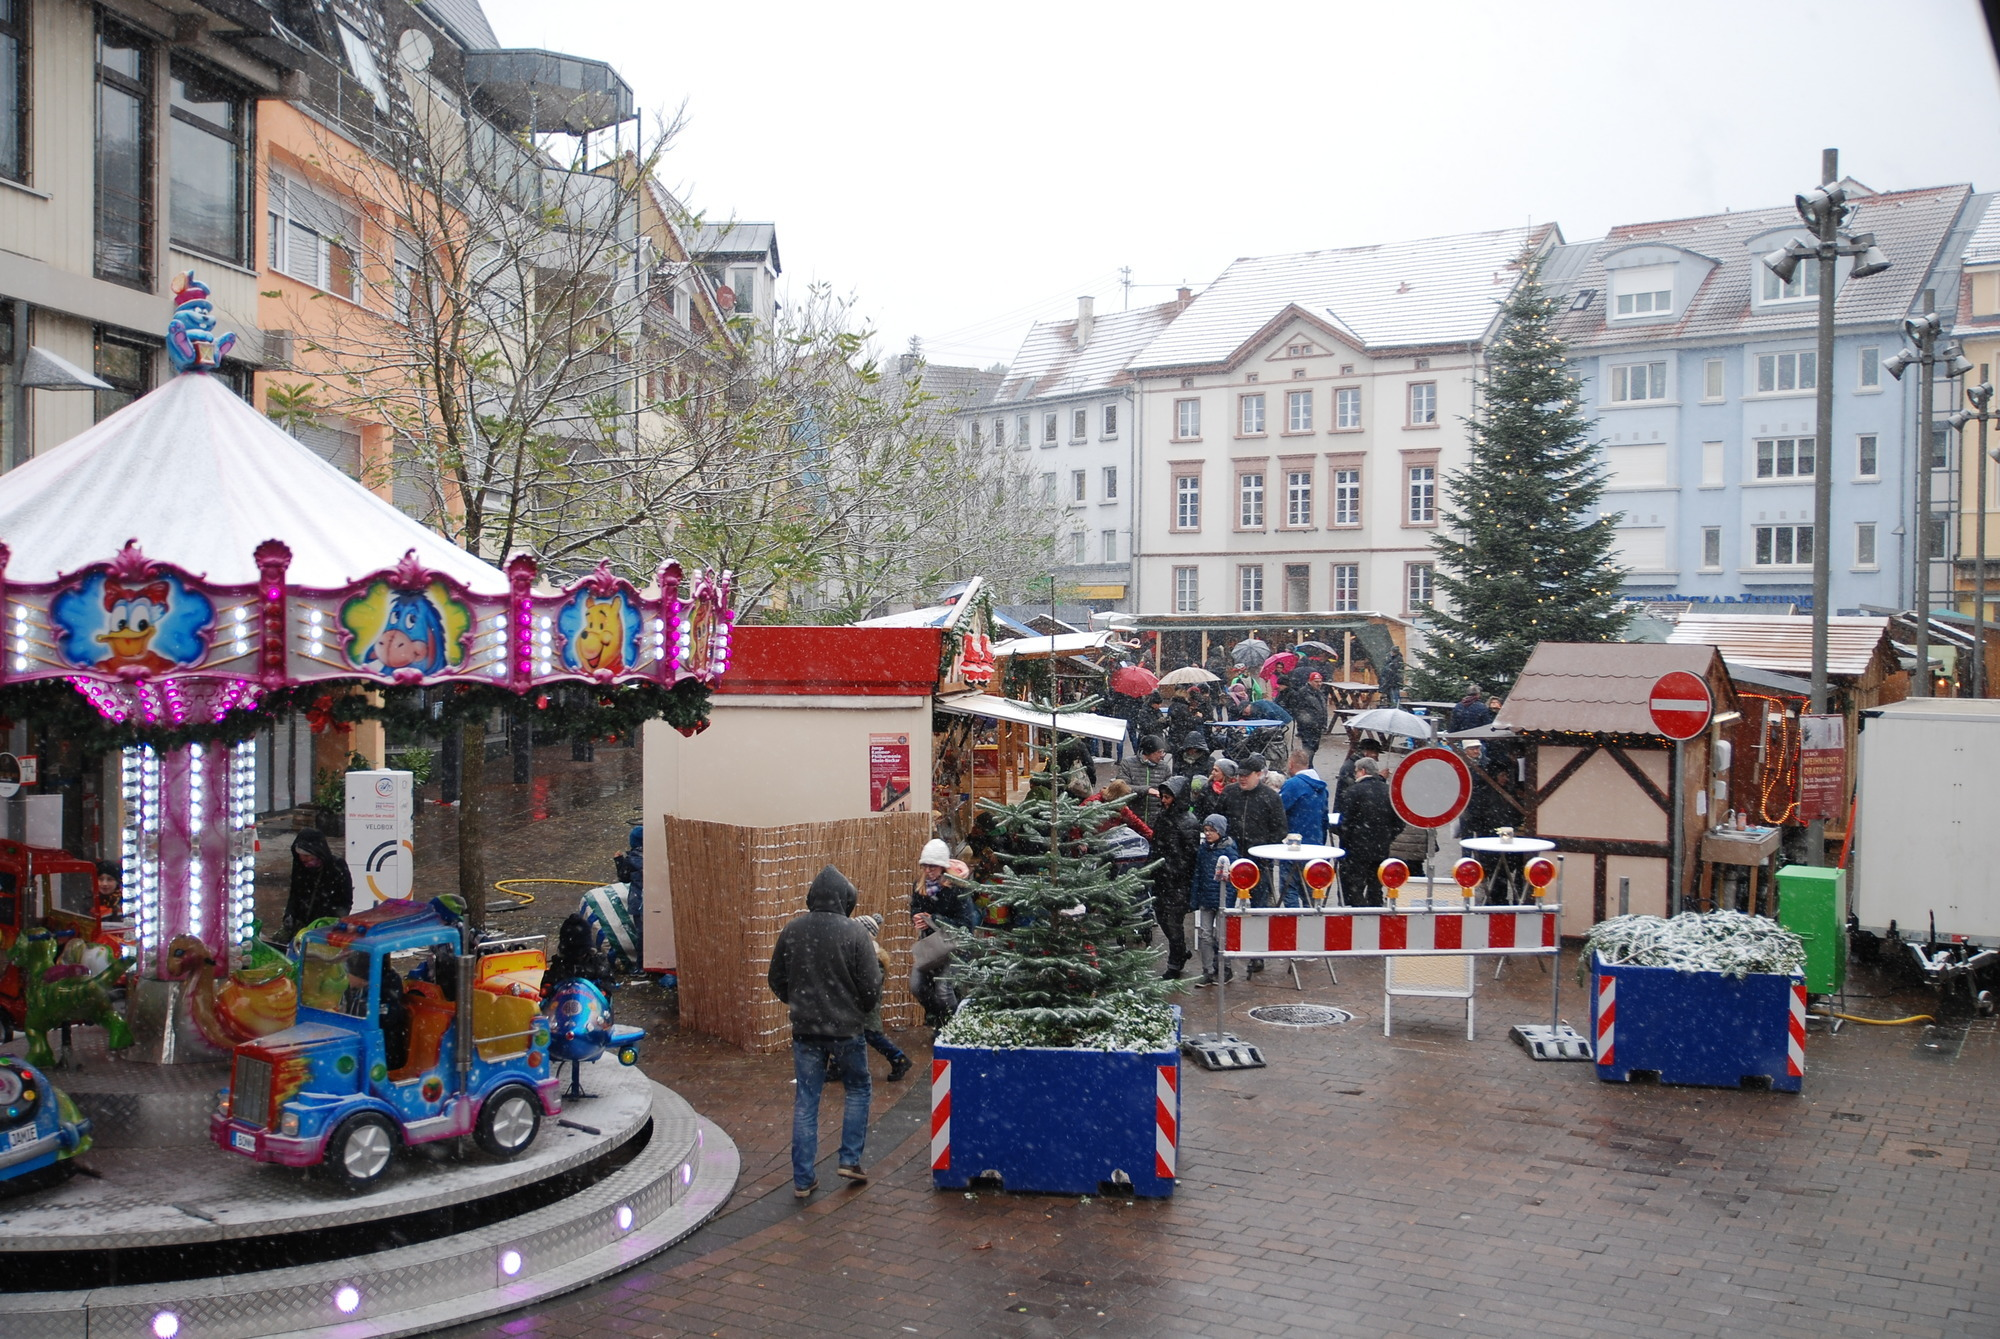 Wo Ist Noch Weihnachtsmarkt.Eberbacher Weihnachtsmarkt 2017 Die Fotogalerie Fotogalerien